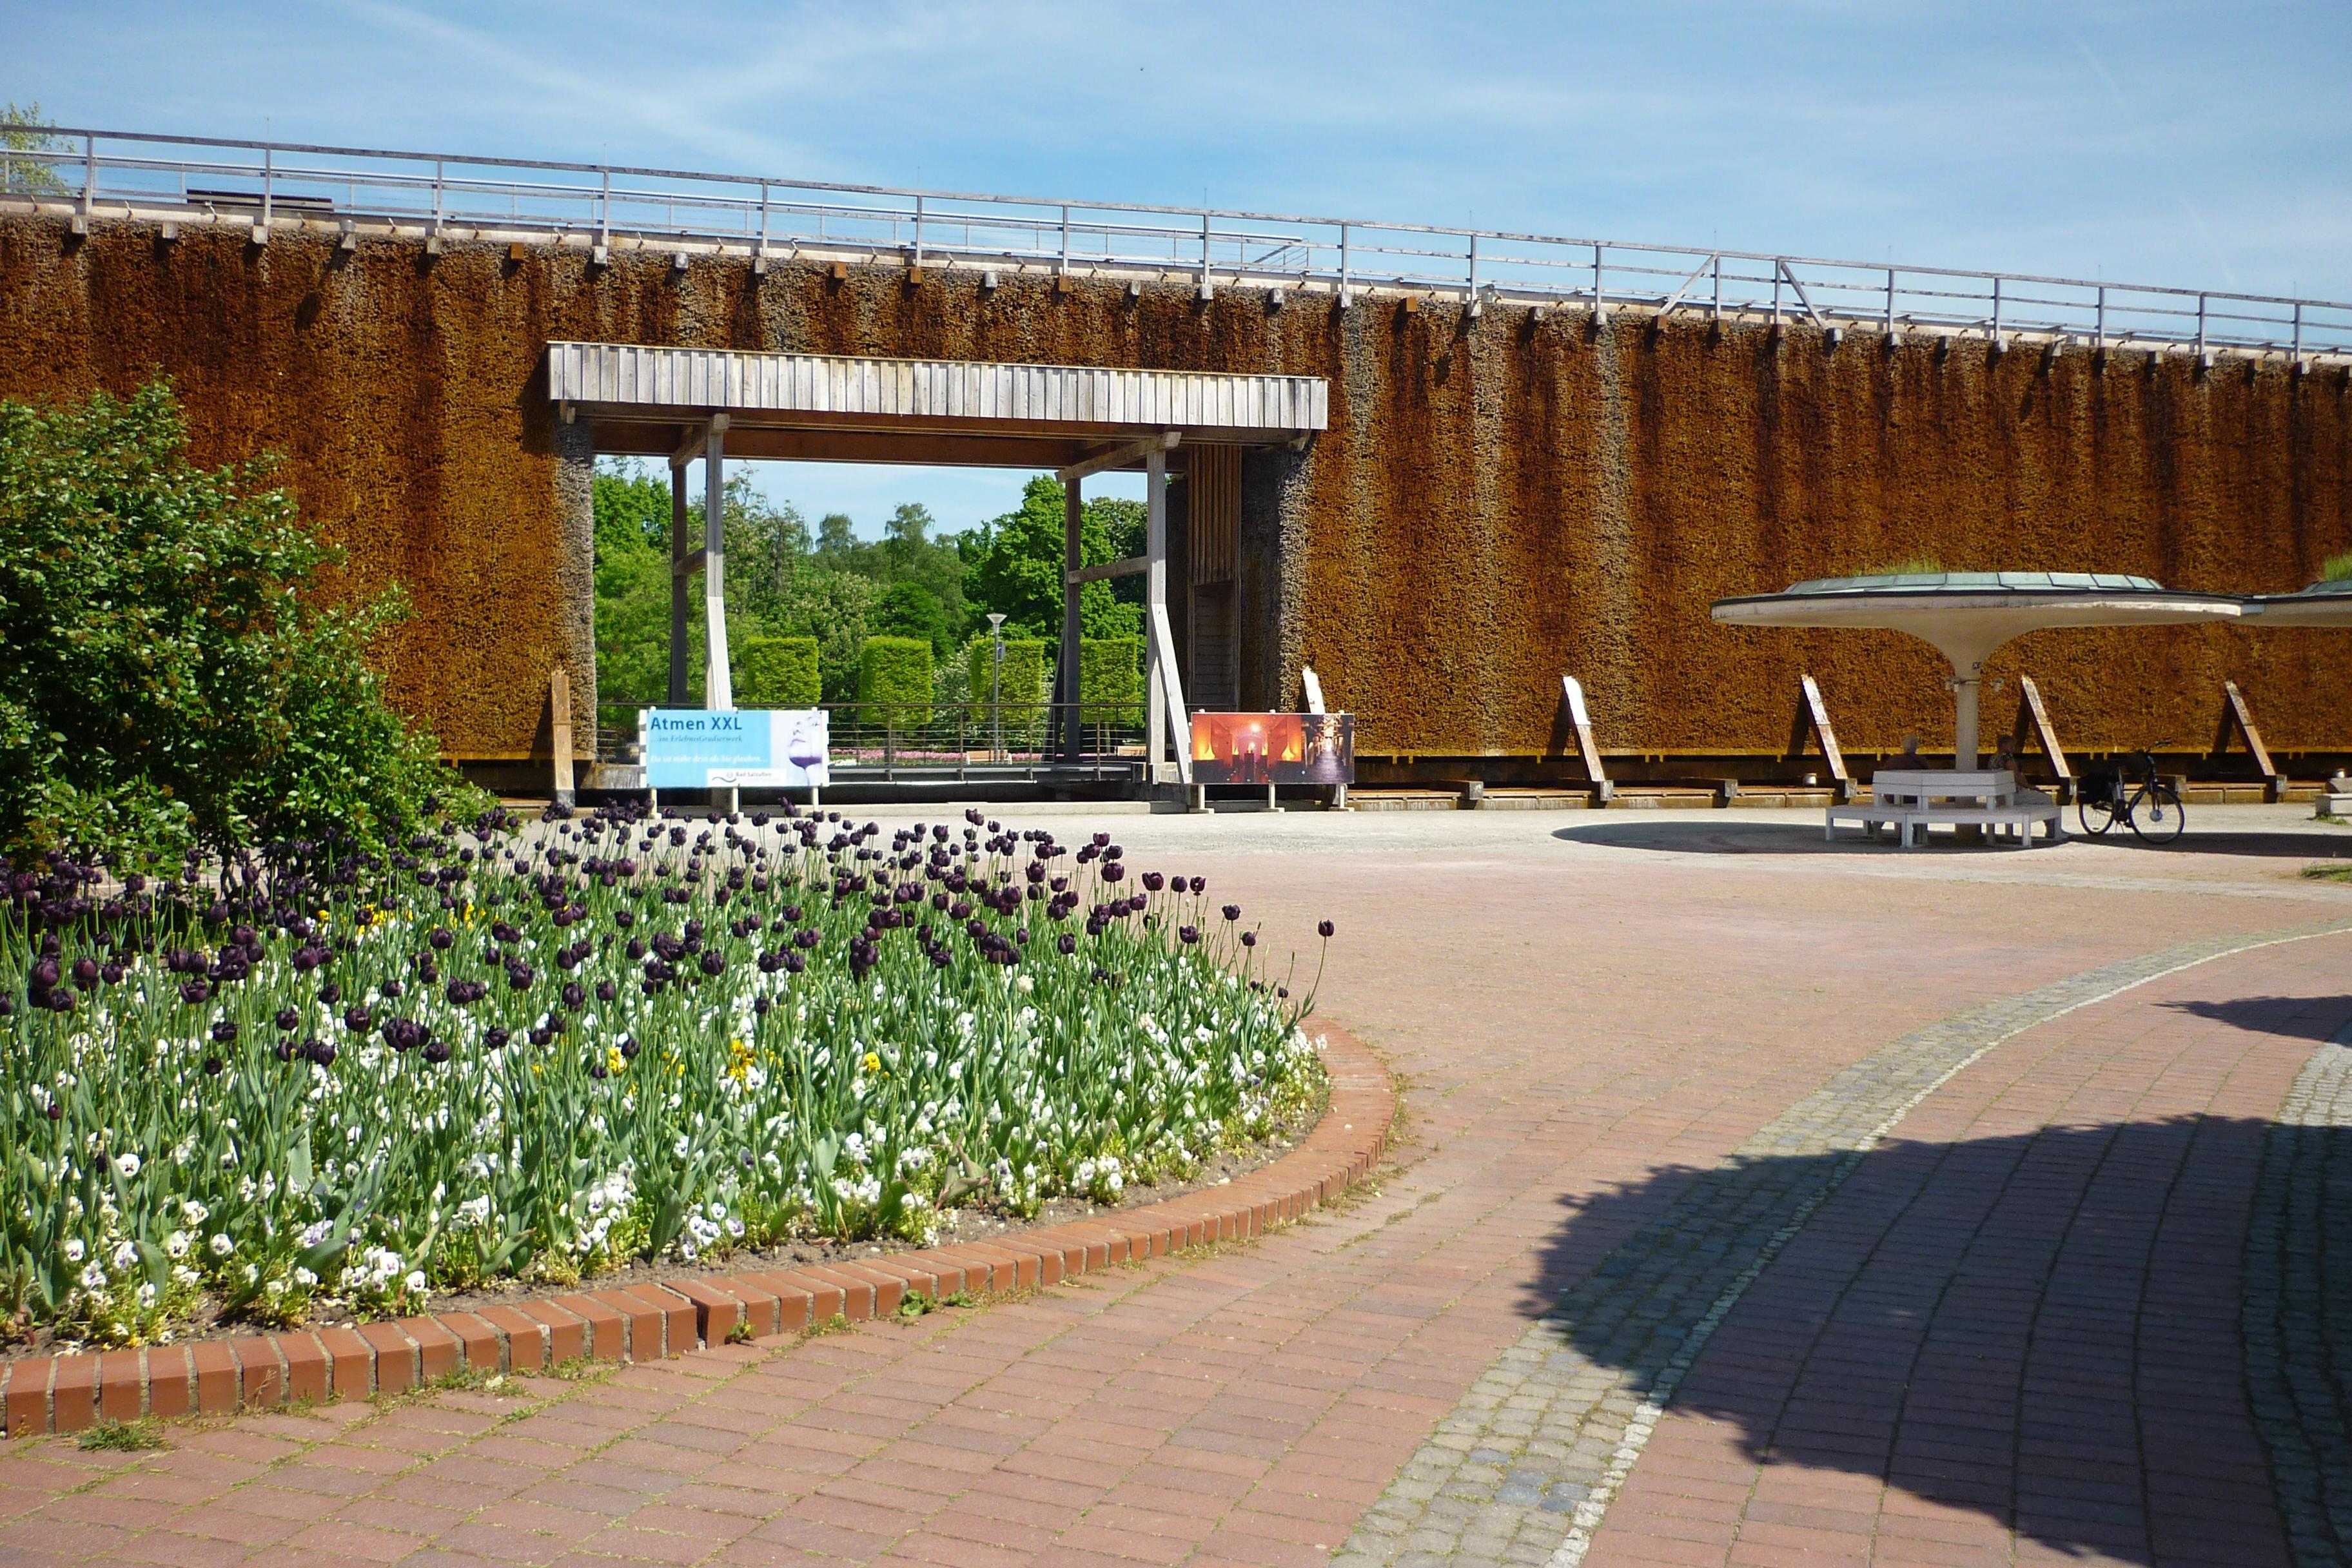 Bad Salzuflen Germany  city photos gallery : Datei:Bad Salzuflen neues Gradierwerk 2011 – Wikipedia